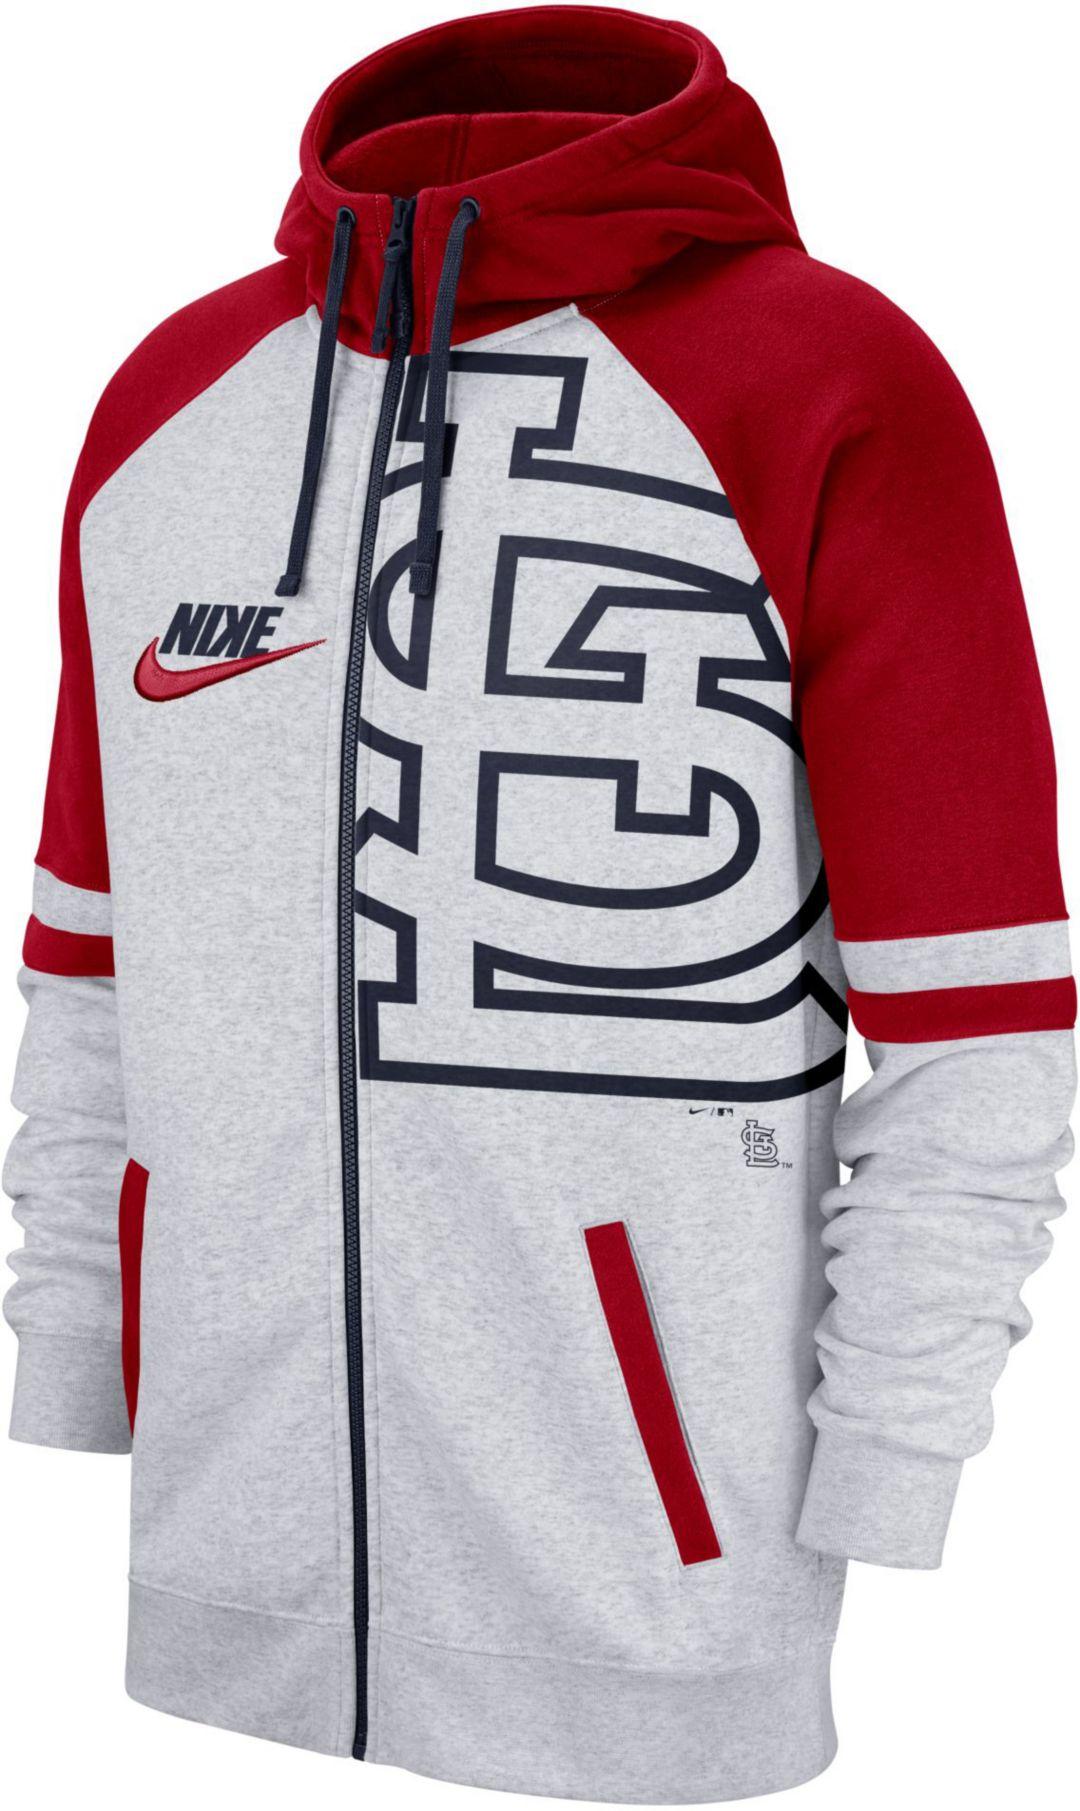 best loved 22798 26390 Nike Men's St. Louis Cardinals Full-Zip Hoodie